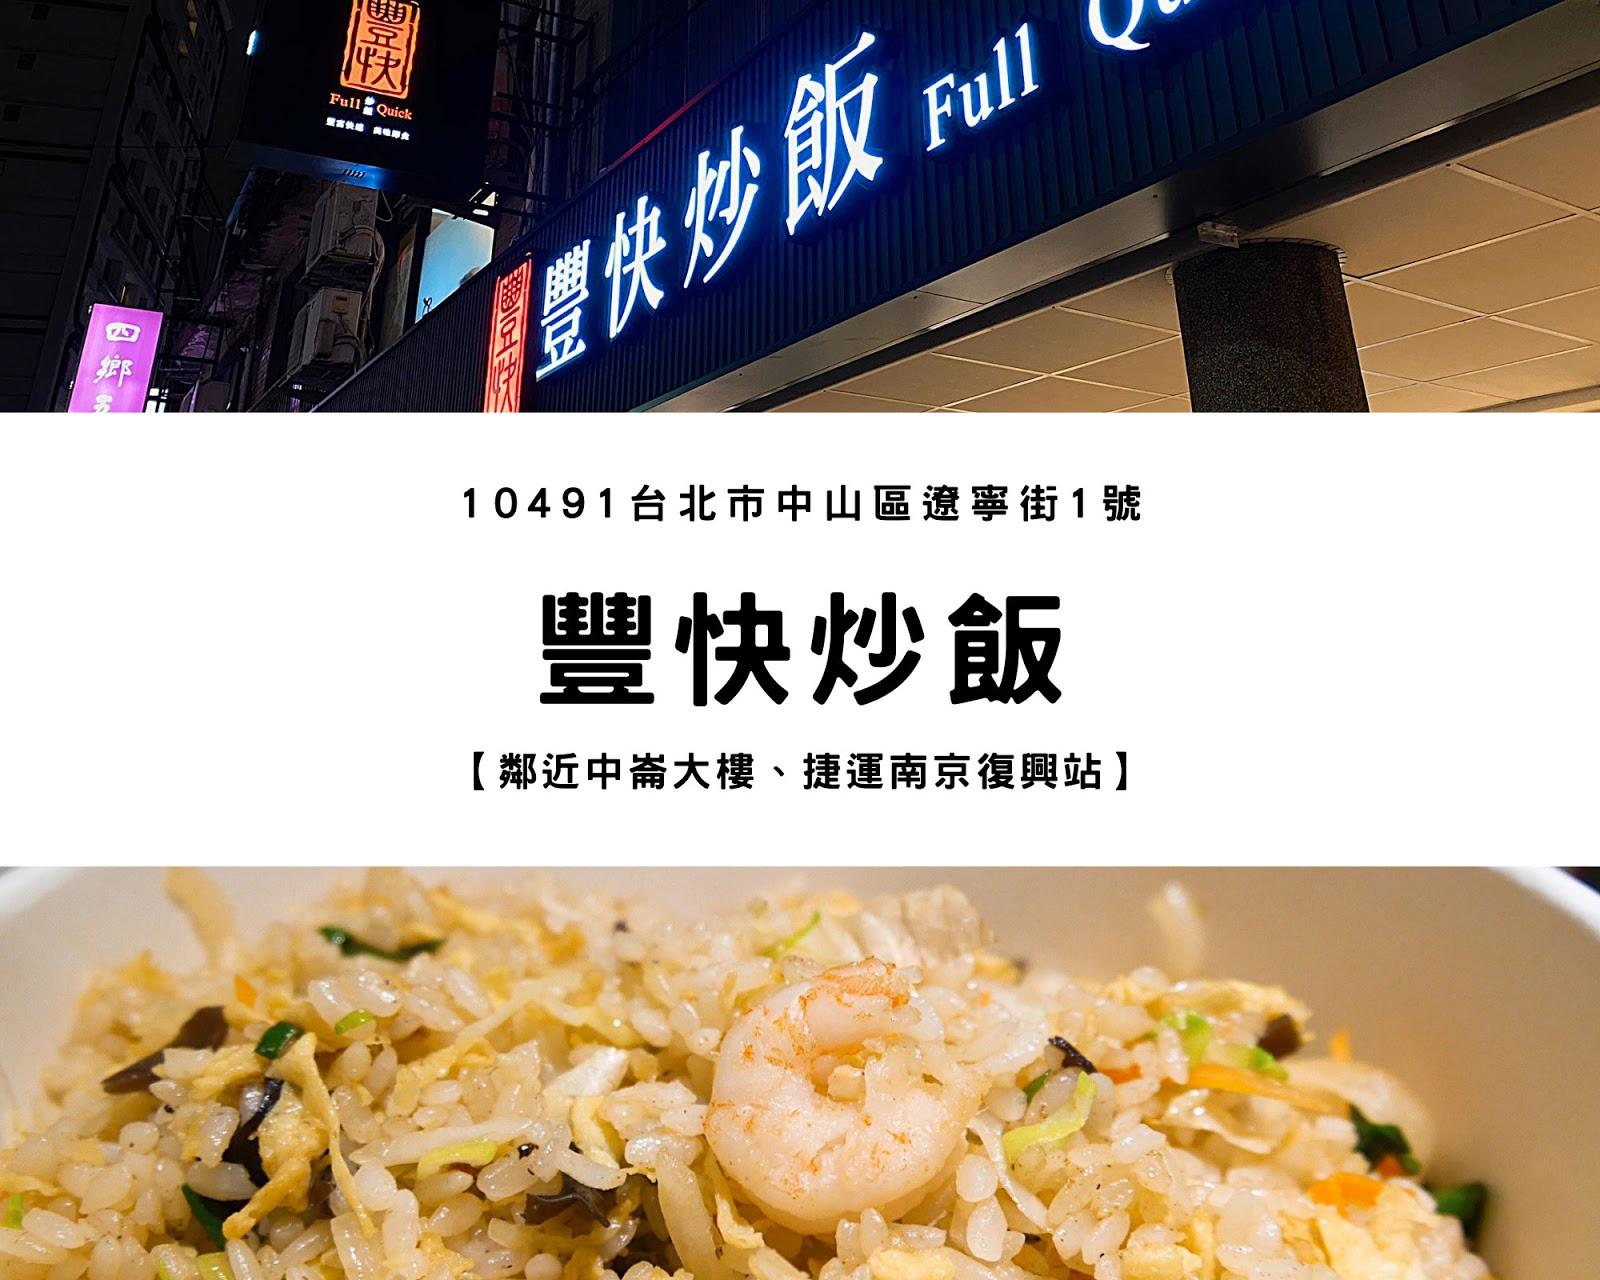 【台北美食】豐快炒飯|遼寧夜市平價小吃,粒粒分明不油膩的黃金蛋炒飯!